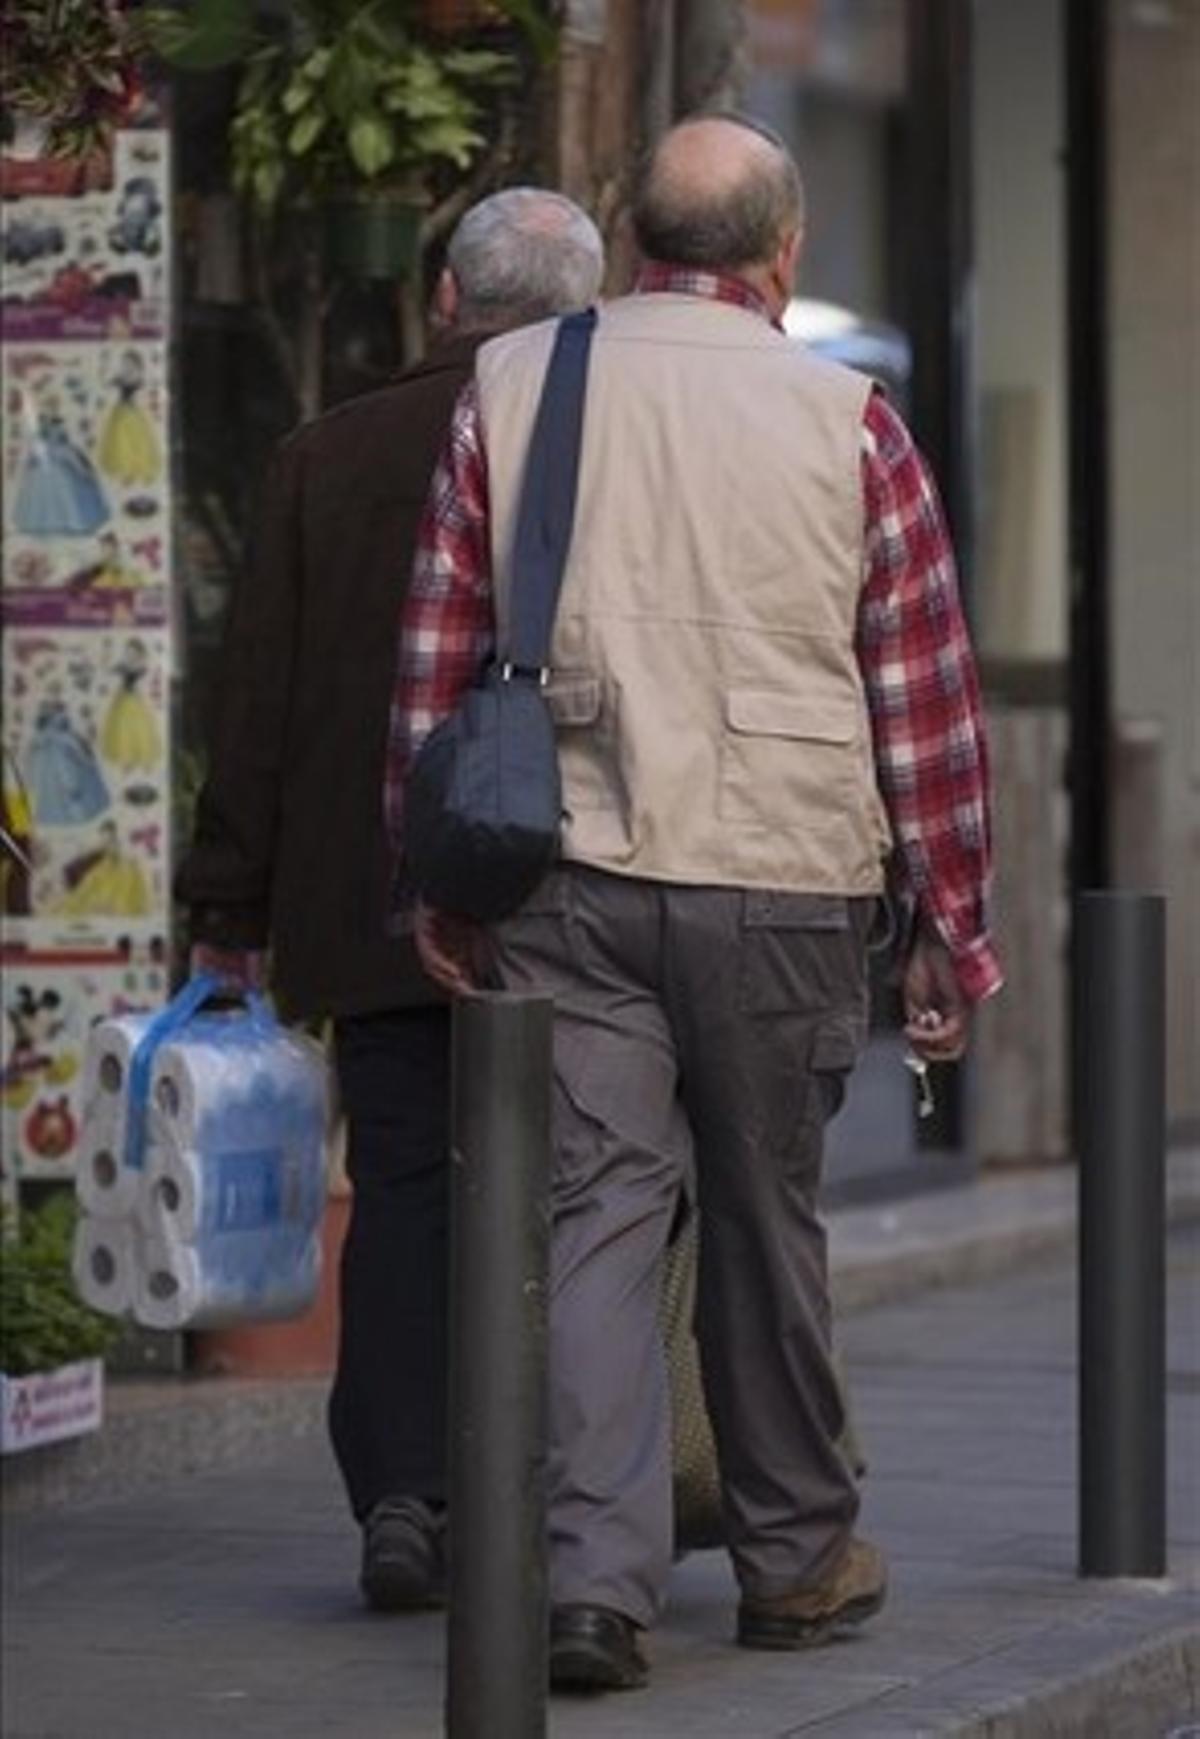 El exmaestro de los MaristasA. F., con camisa a cuadros, sale de su casa en un barrio popular del área metropolitana de Barcelona, este miércoles por la mañana, tras conversar conEL PERIÓDICO.